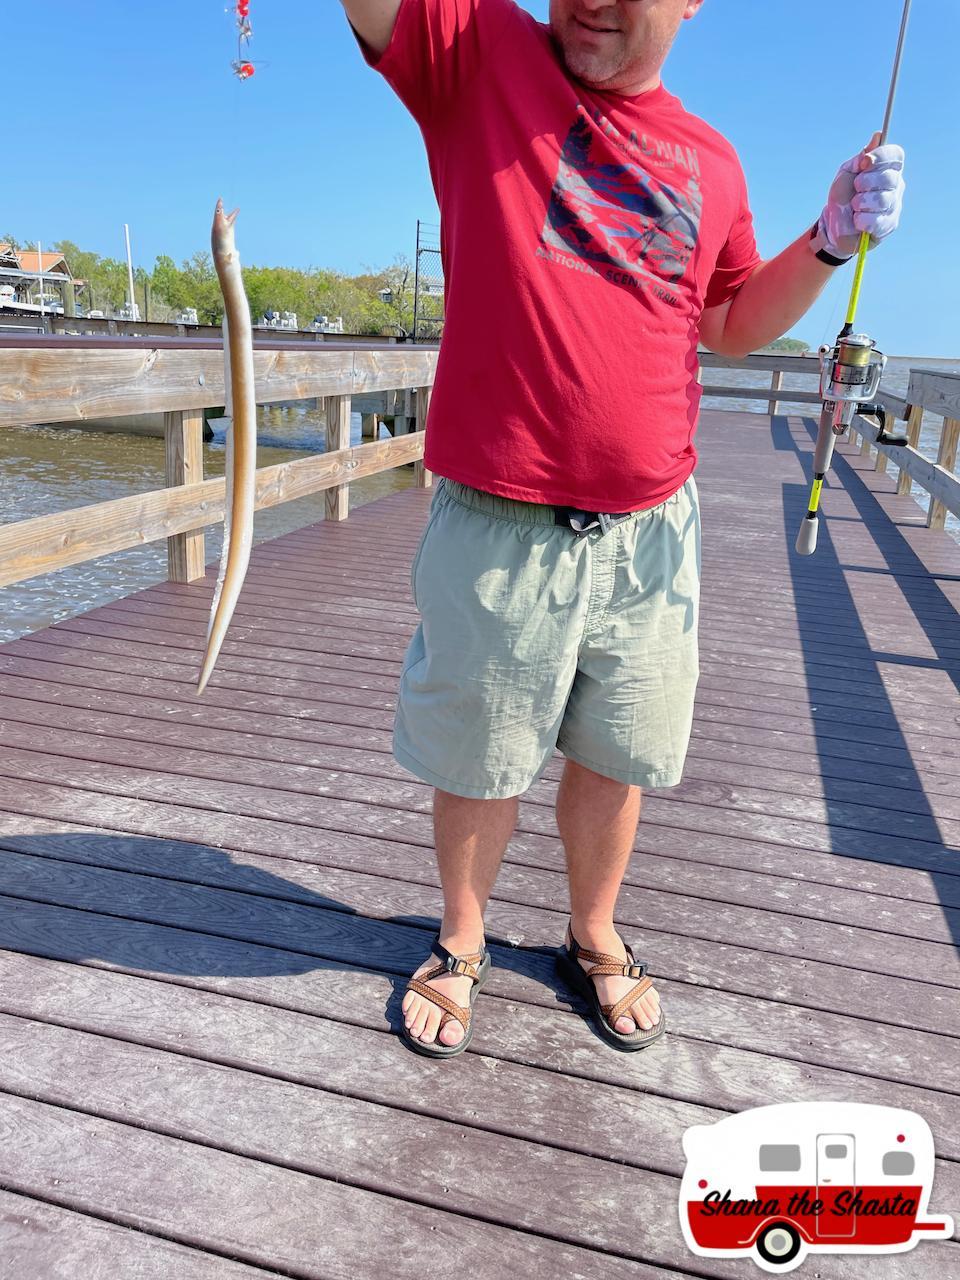 First-Eel-Caught-in-Ocean-Springs